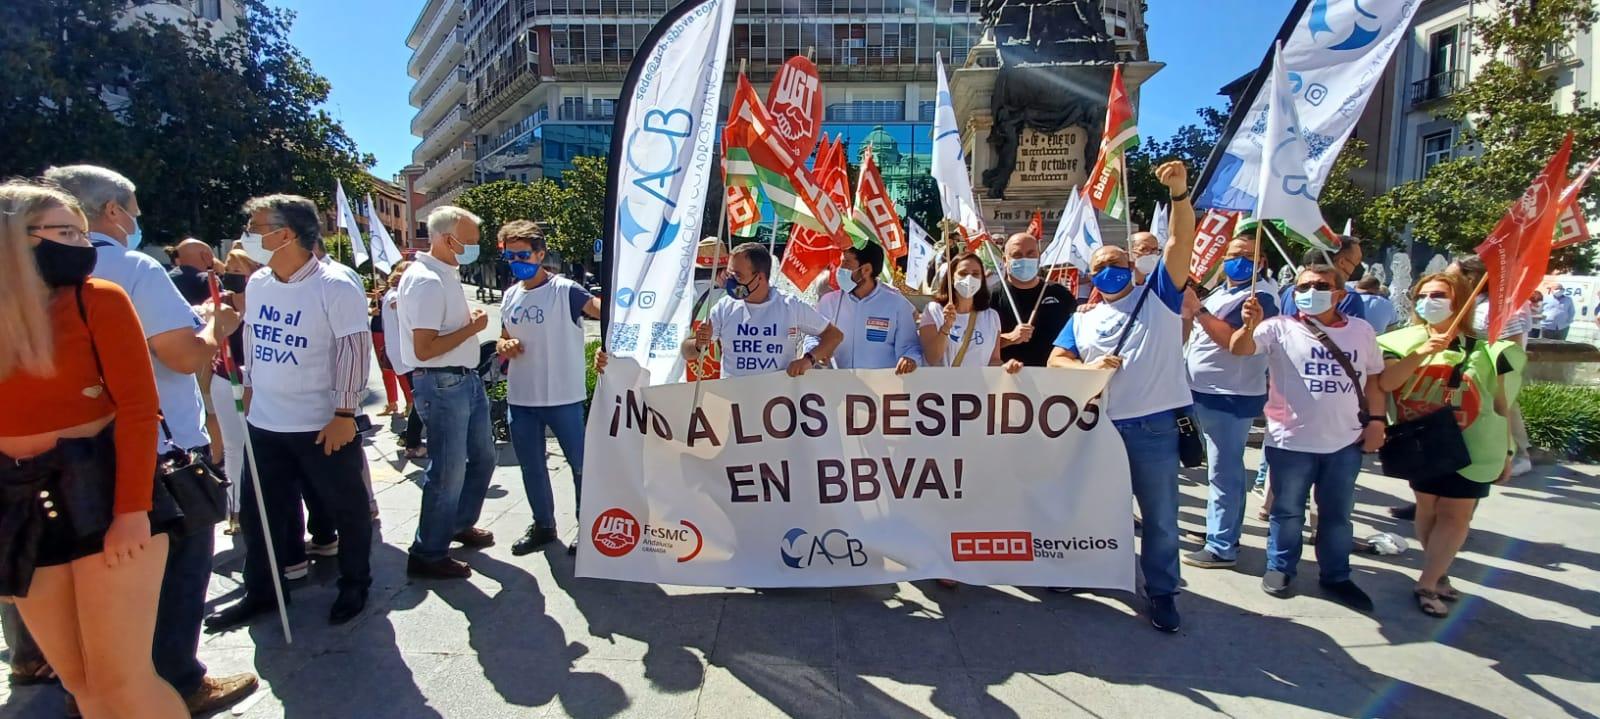 Empleados de banca participan en huelga de 24 horas para protestar por los despidos en BBVA